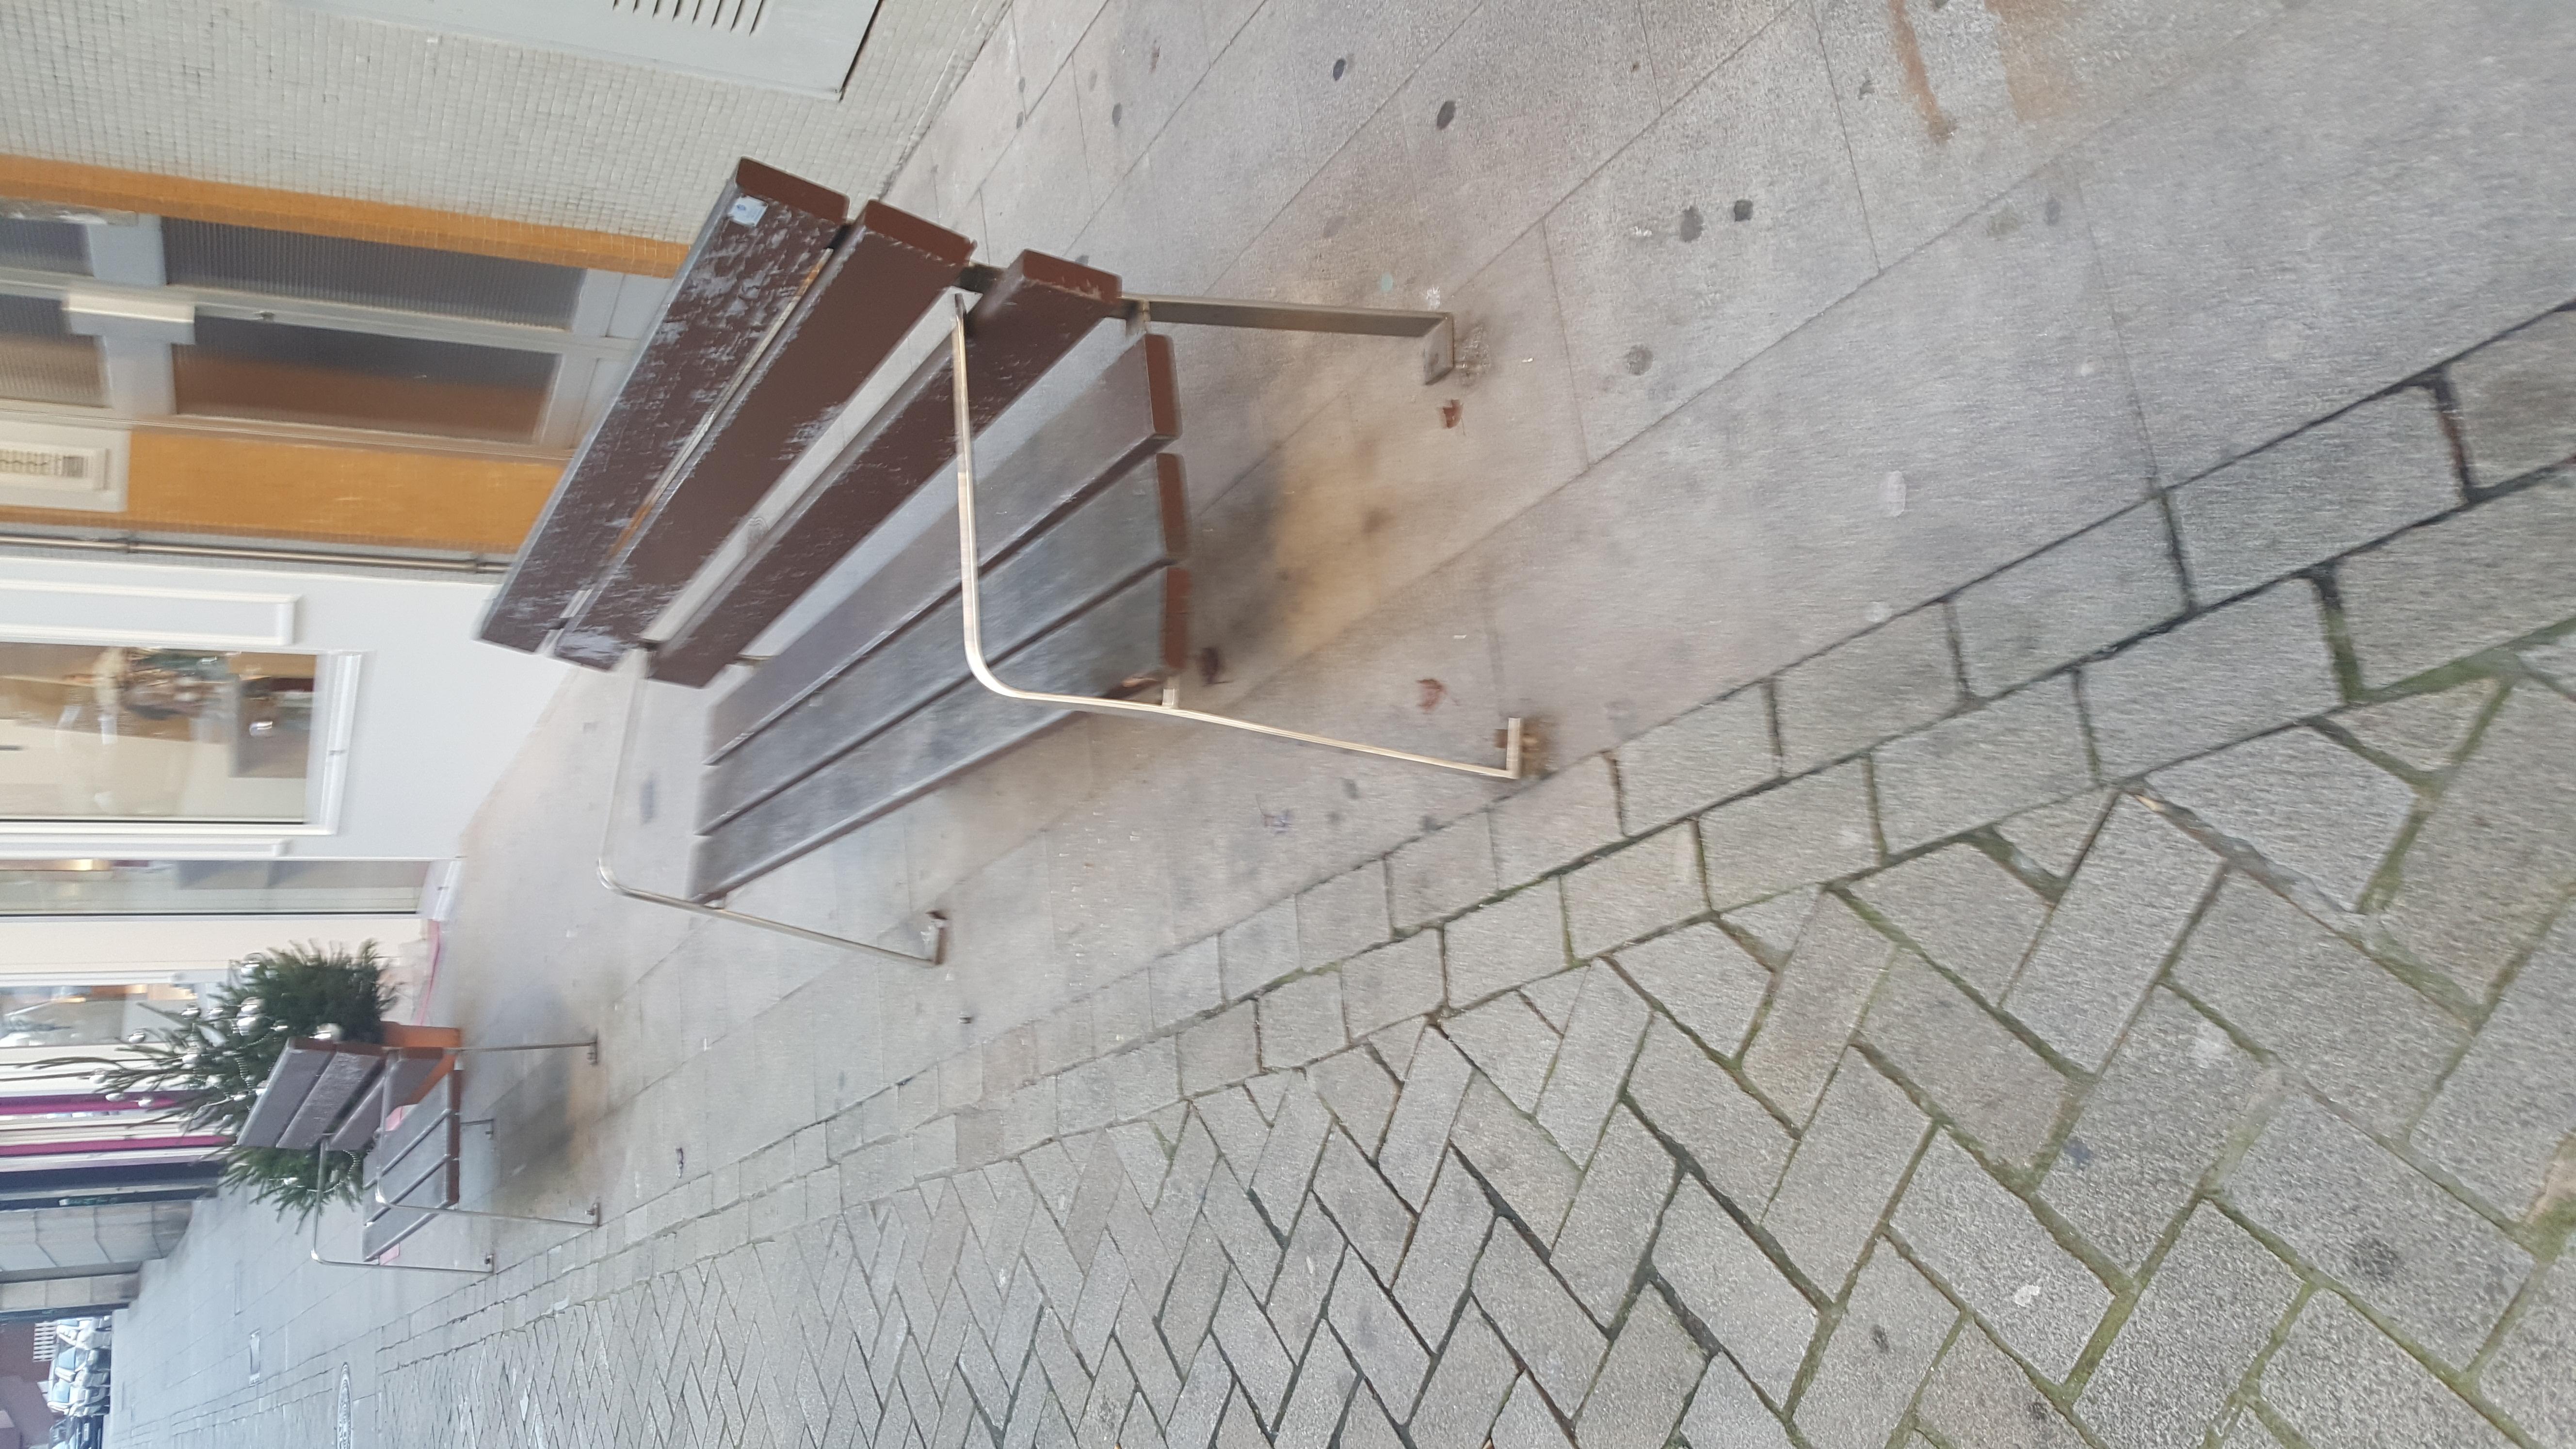 Dende a AAVV Oza Gaiteira Os Castros queremos denunciar  que na rúa travesia da Gaiteira o Mobiliario urbano esta en un deficiente estado